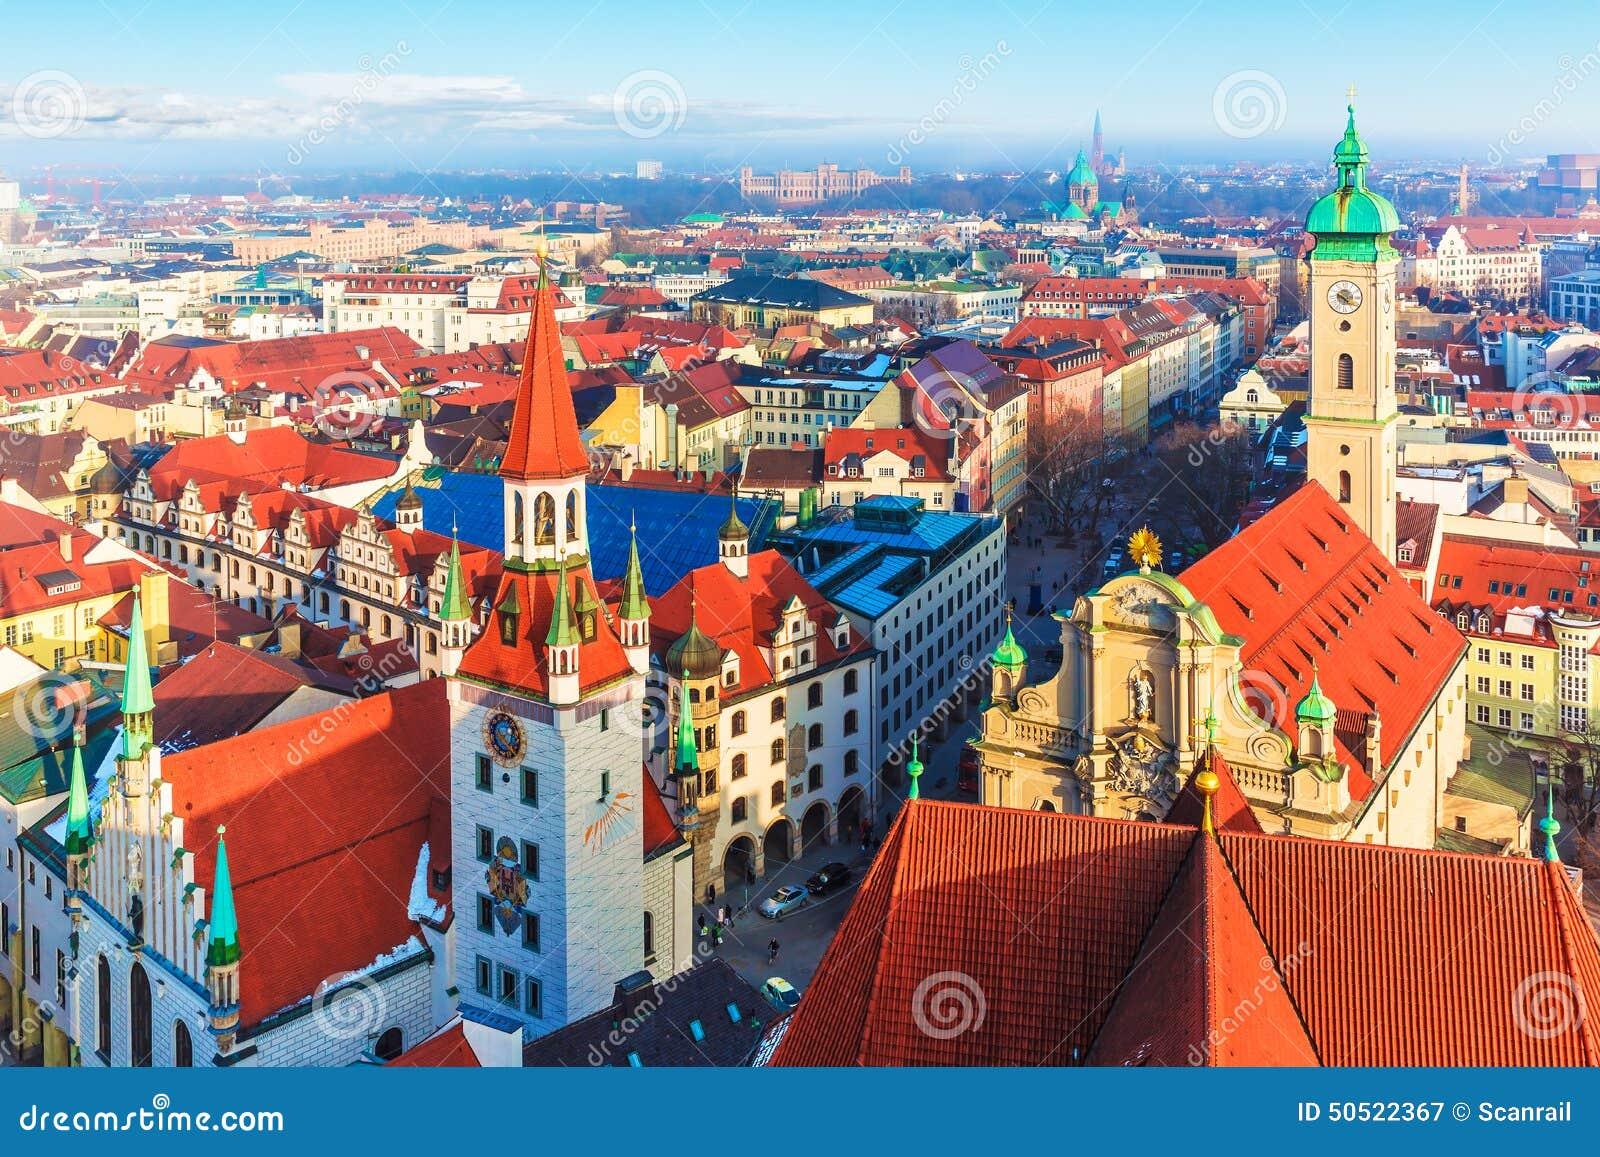 Munich Germany Stock Photo Image 50522367